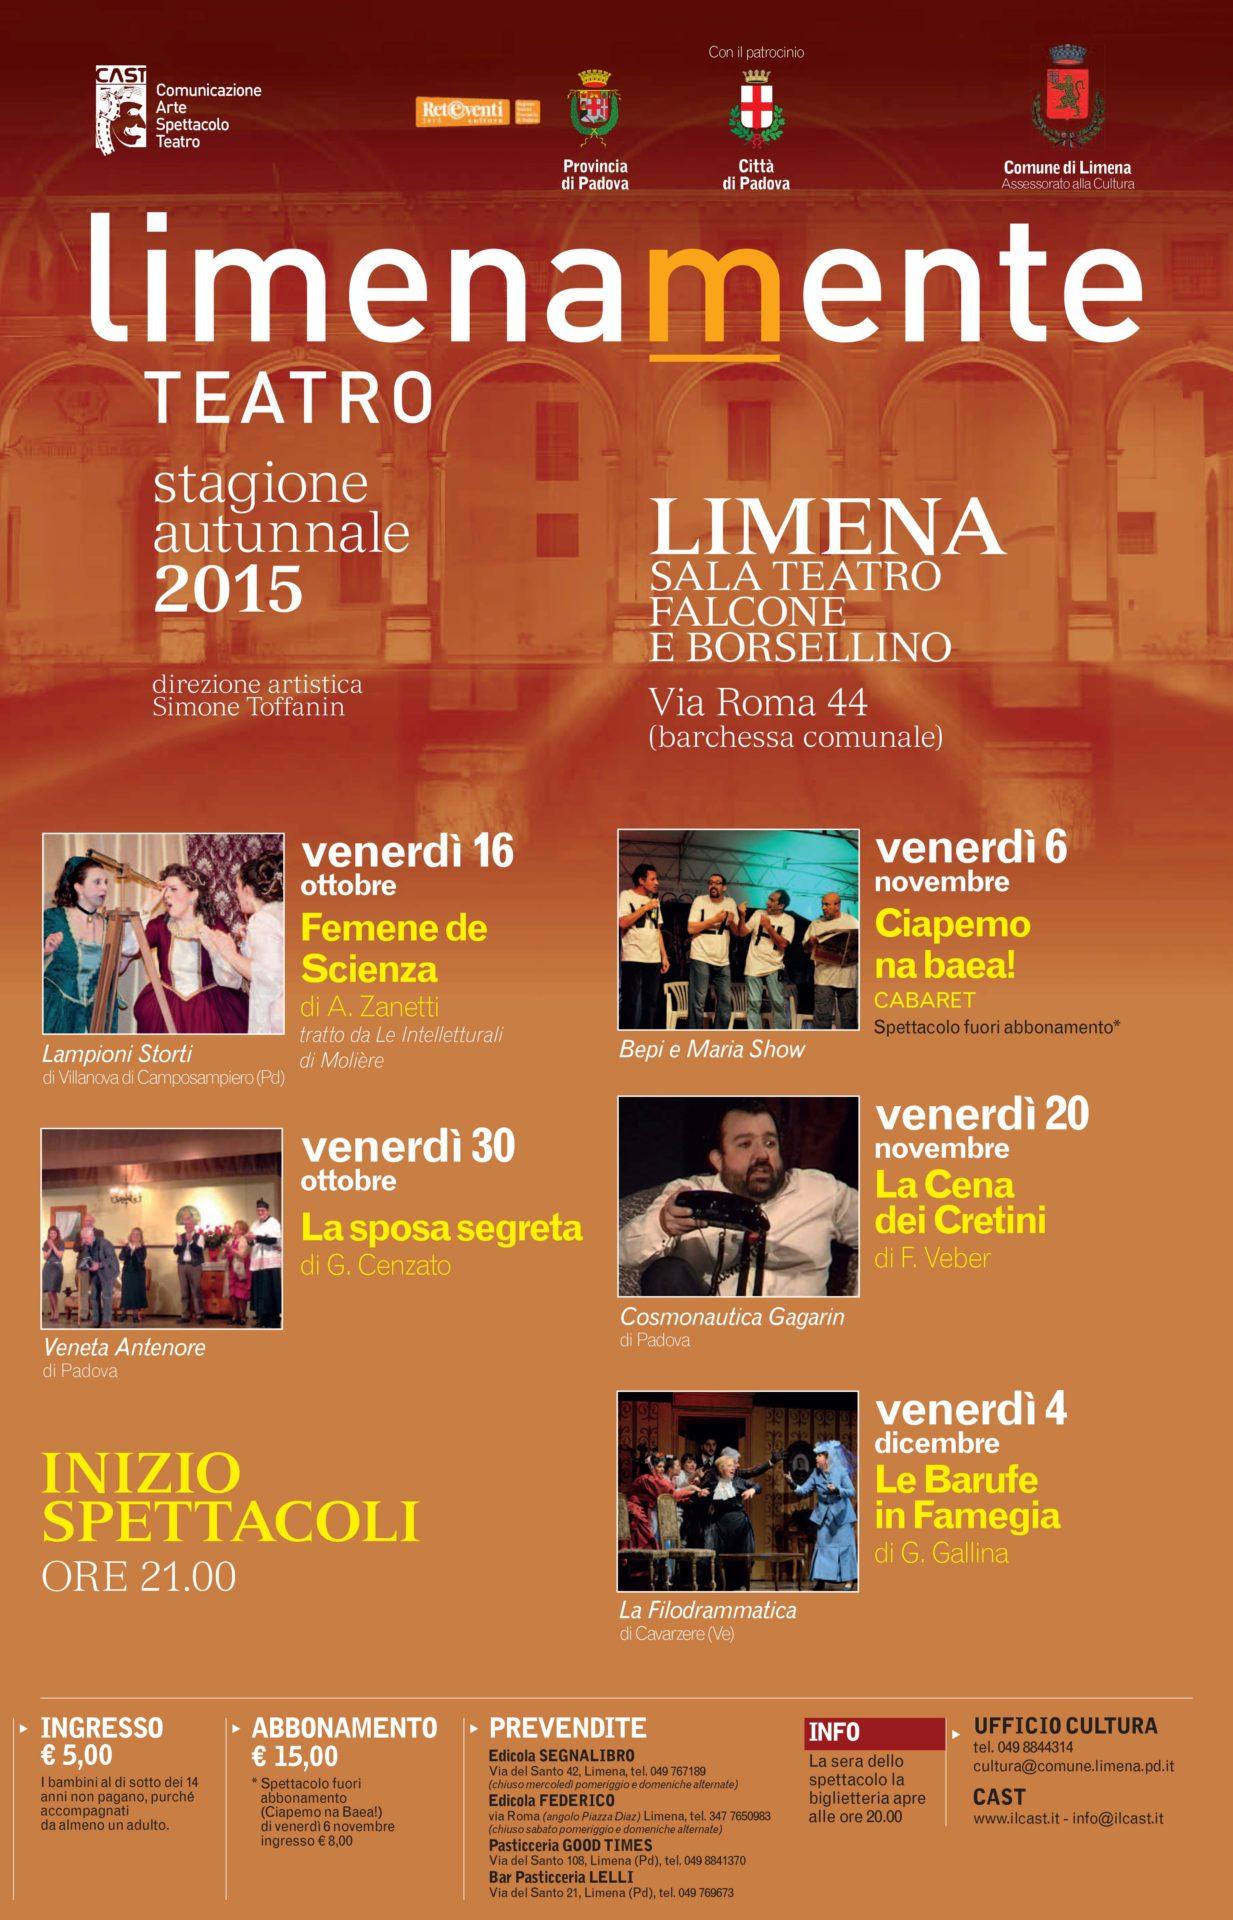 Limenamente Teatro autunno 2015